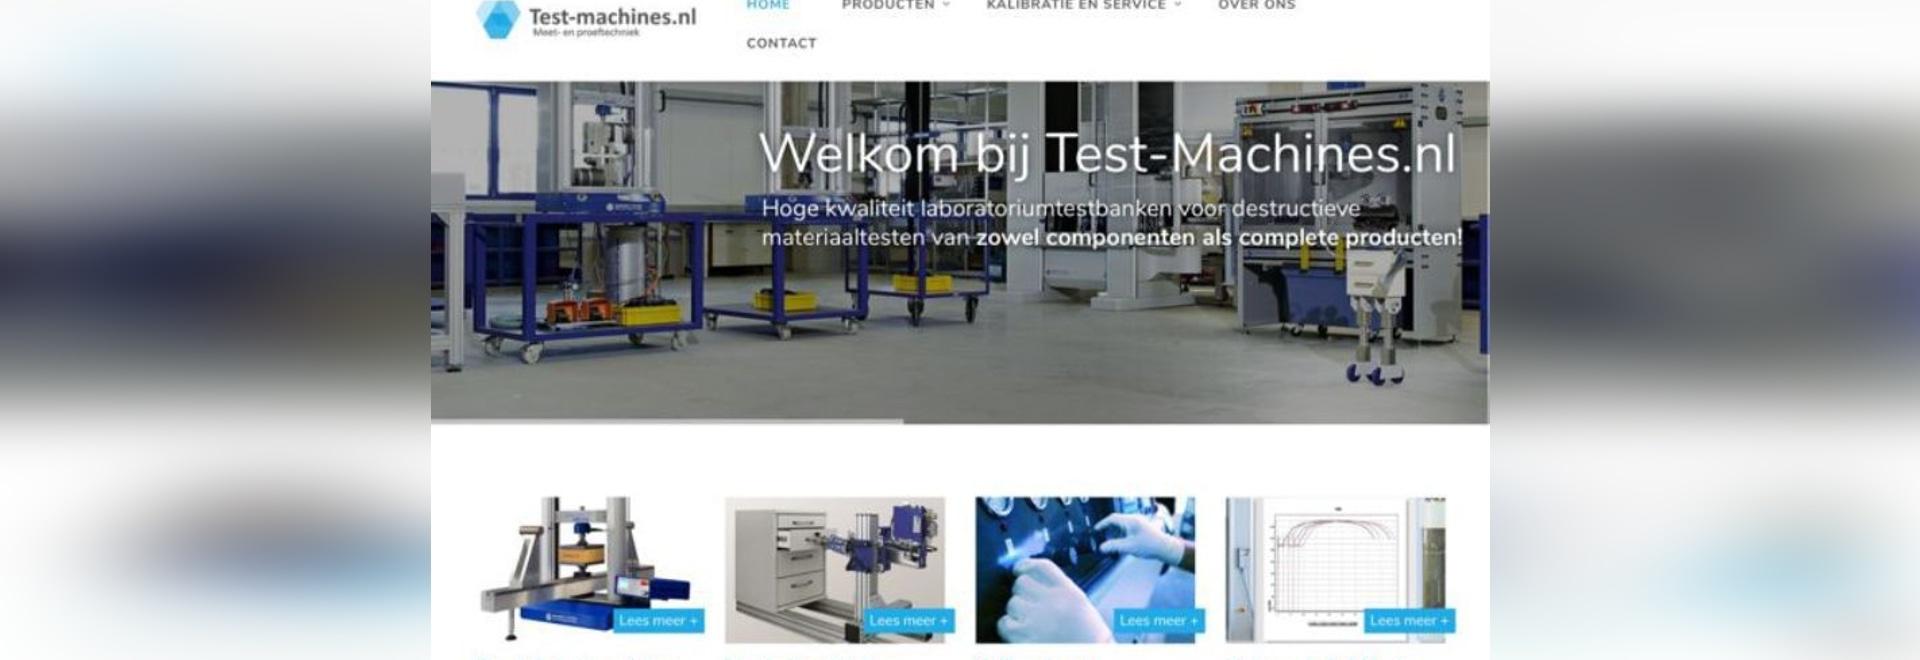 Imagen de la página pantalla